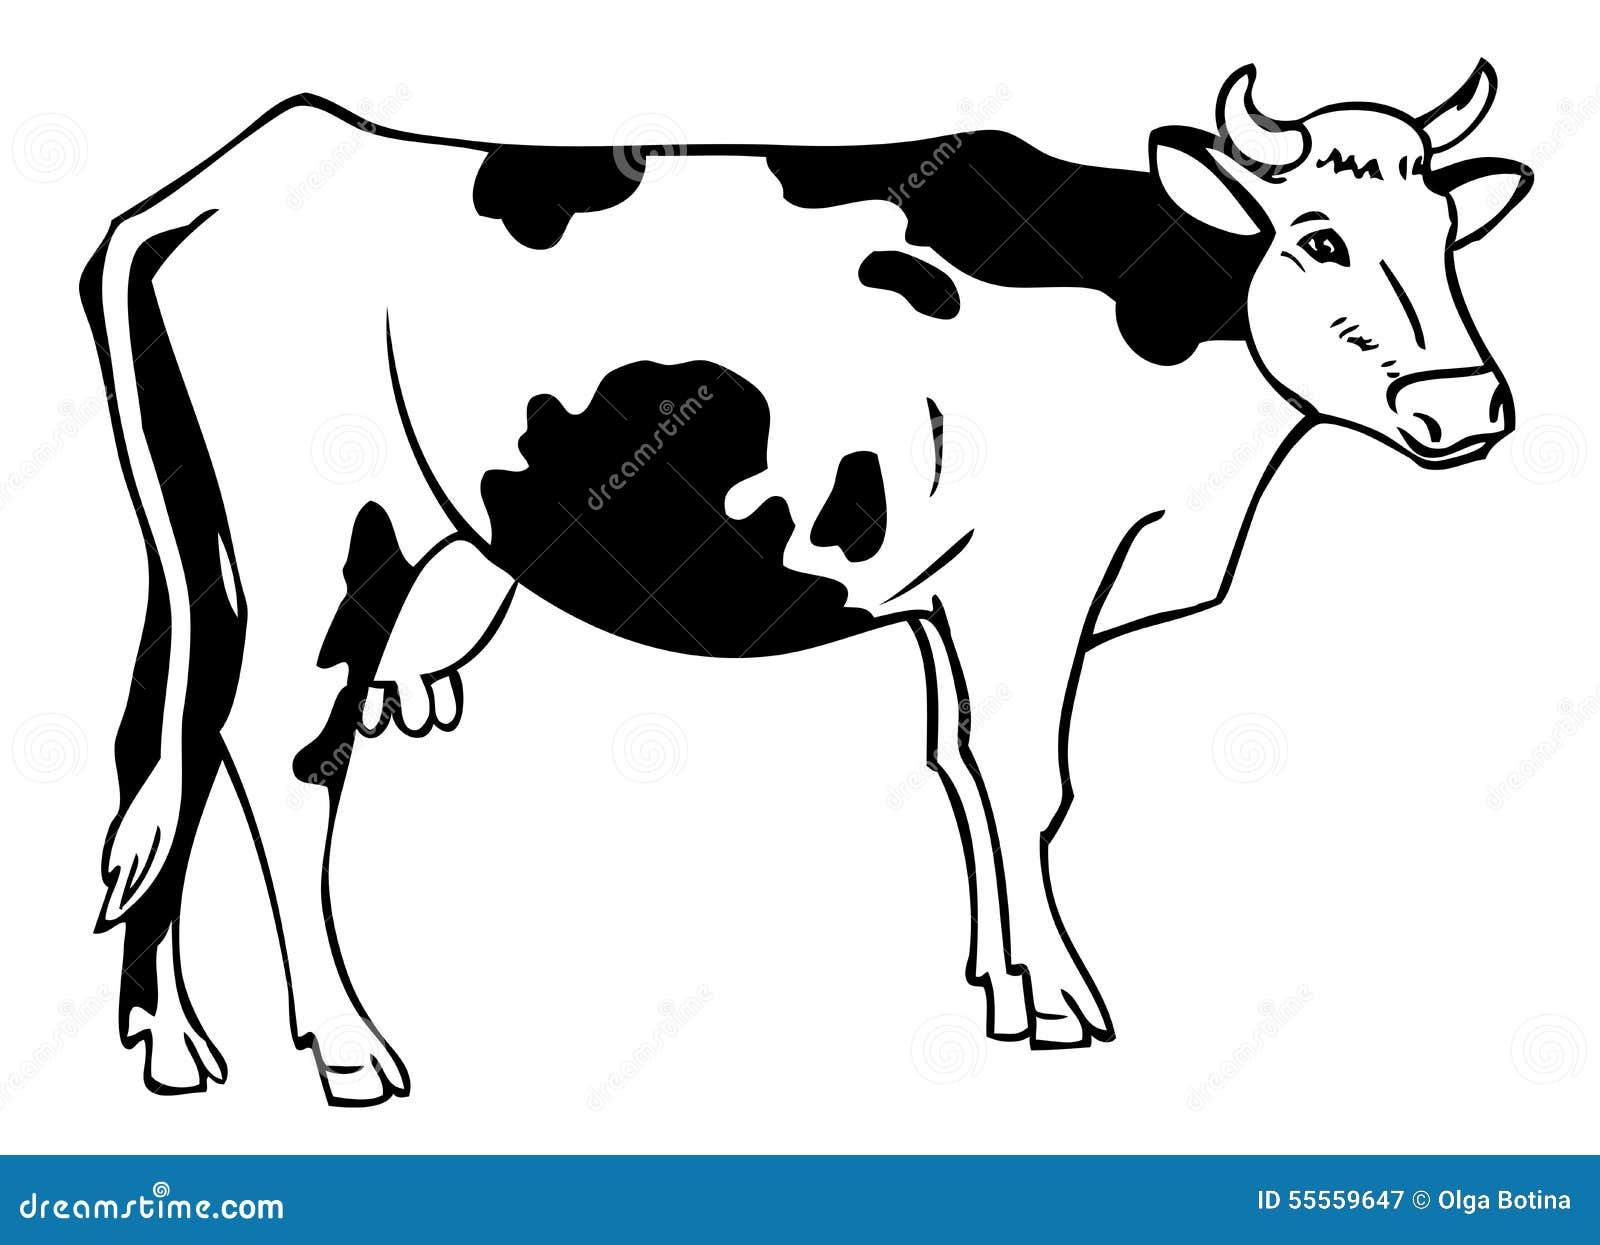 Dessin d 39 une vache illustration de vecteur image 55559647 - Dessiner une vache ...